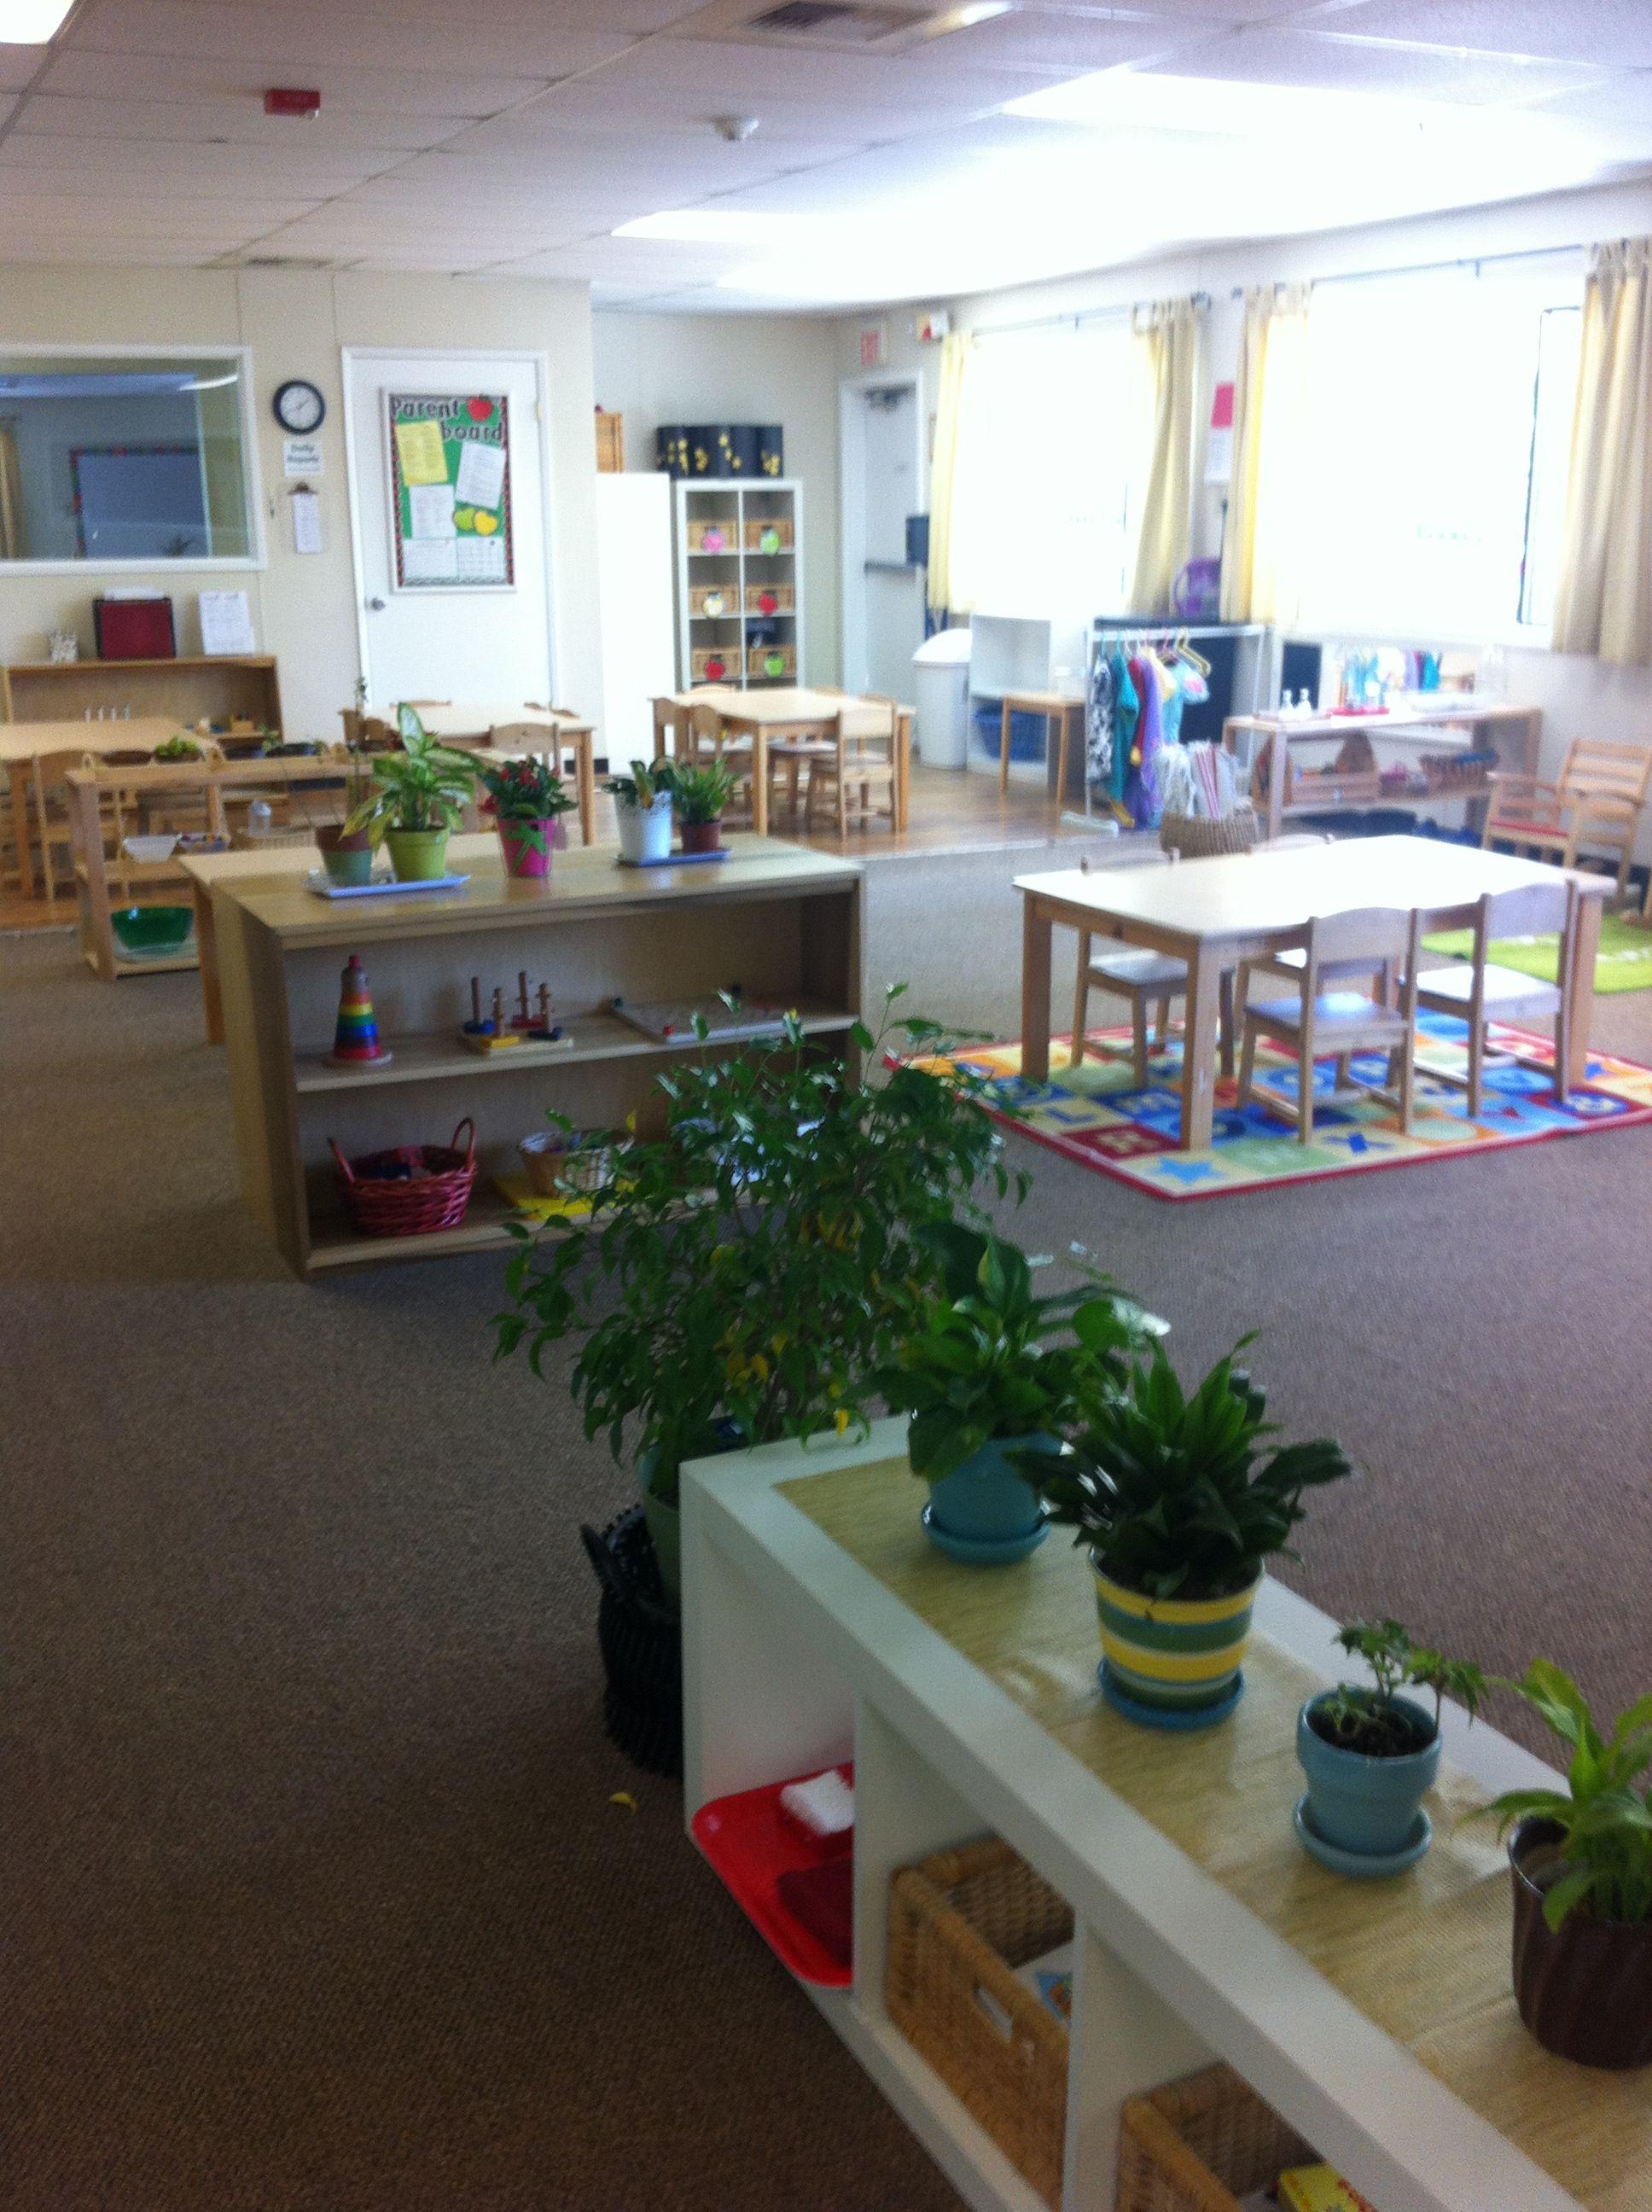 Mission Viejo Montessori